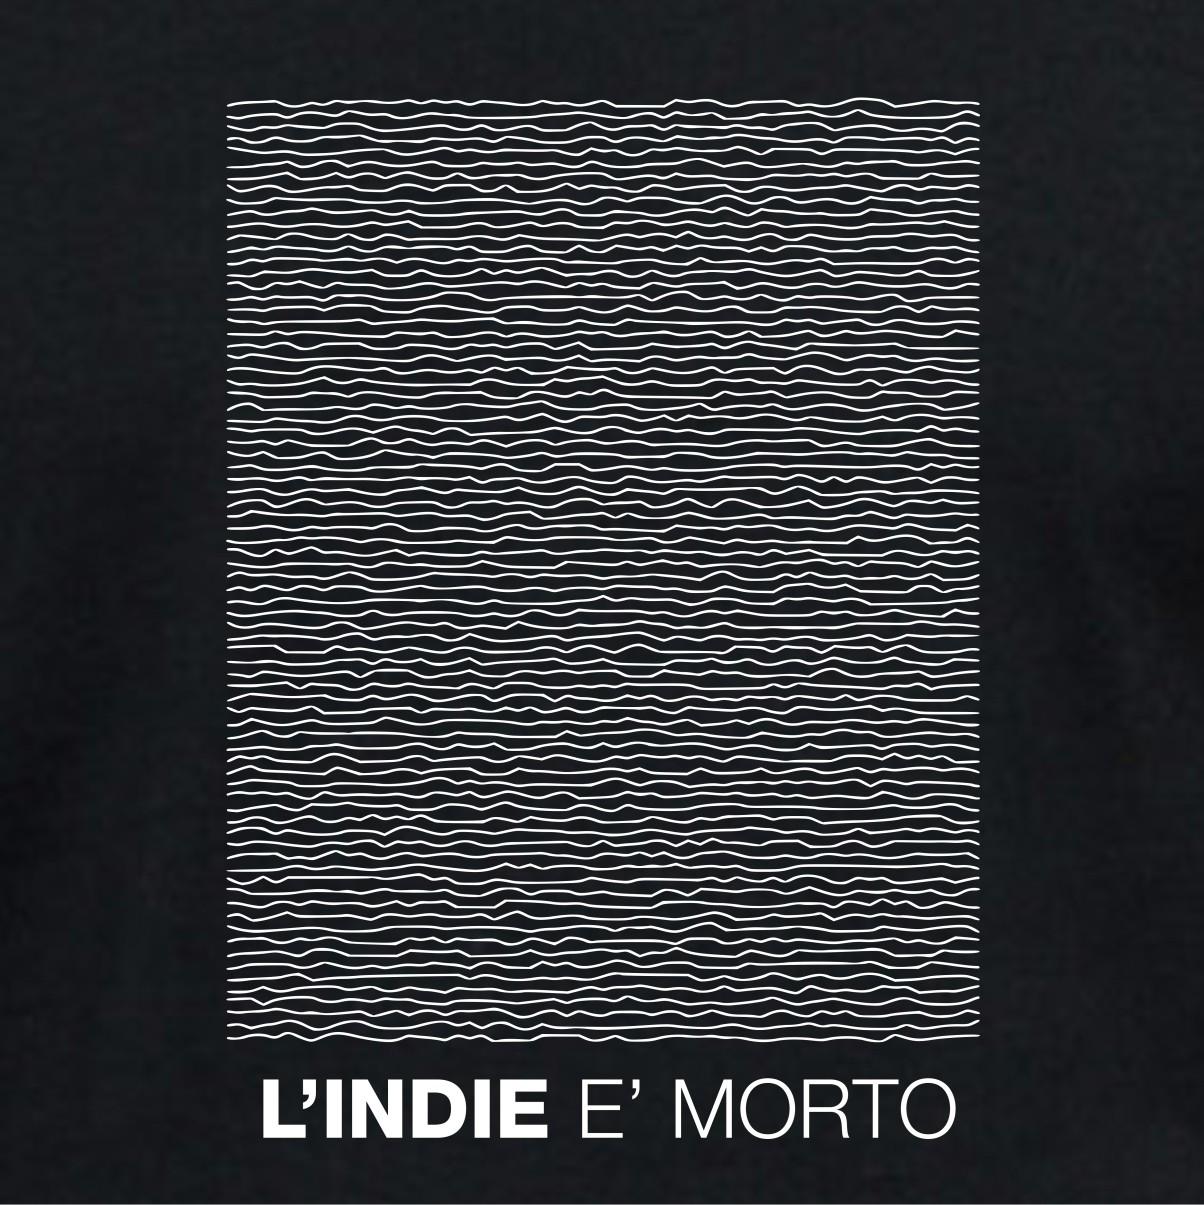 L'INDIE E' MORTO